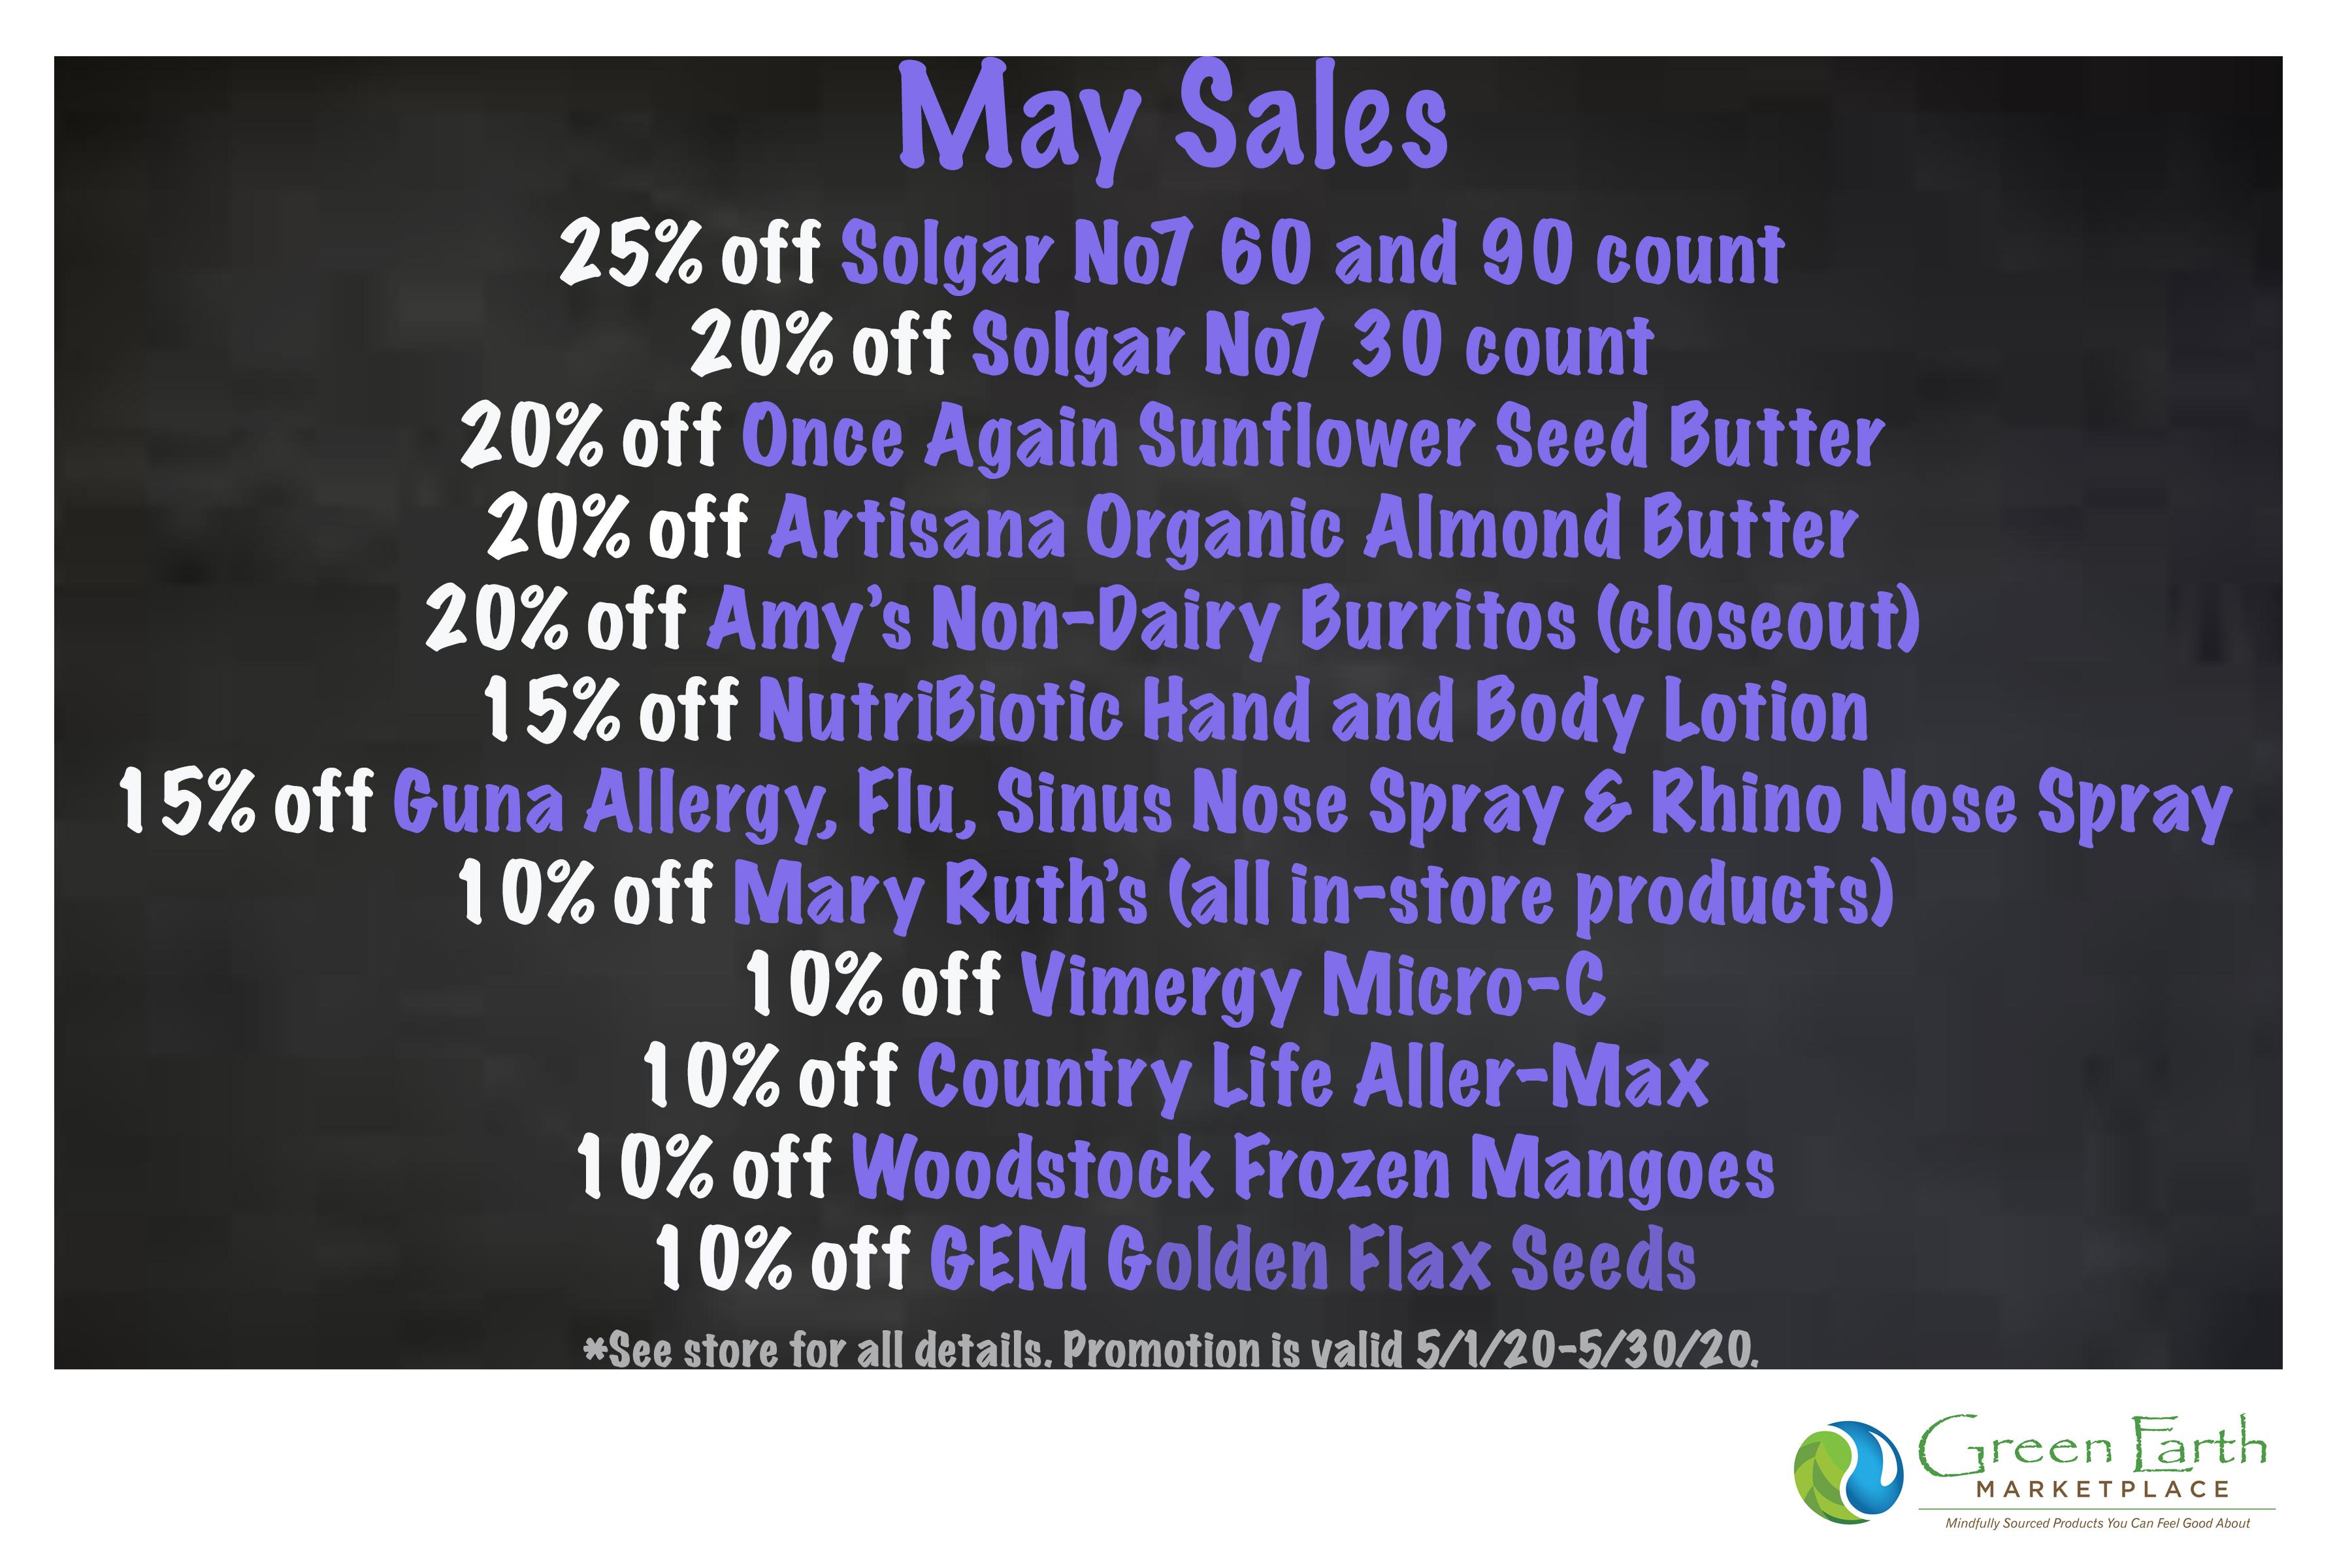 2020 May Sales